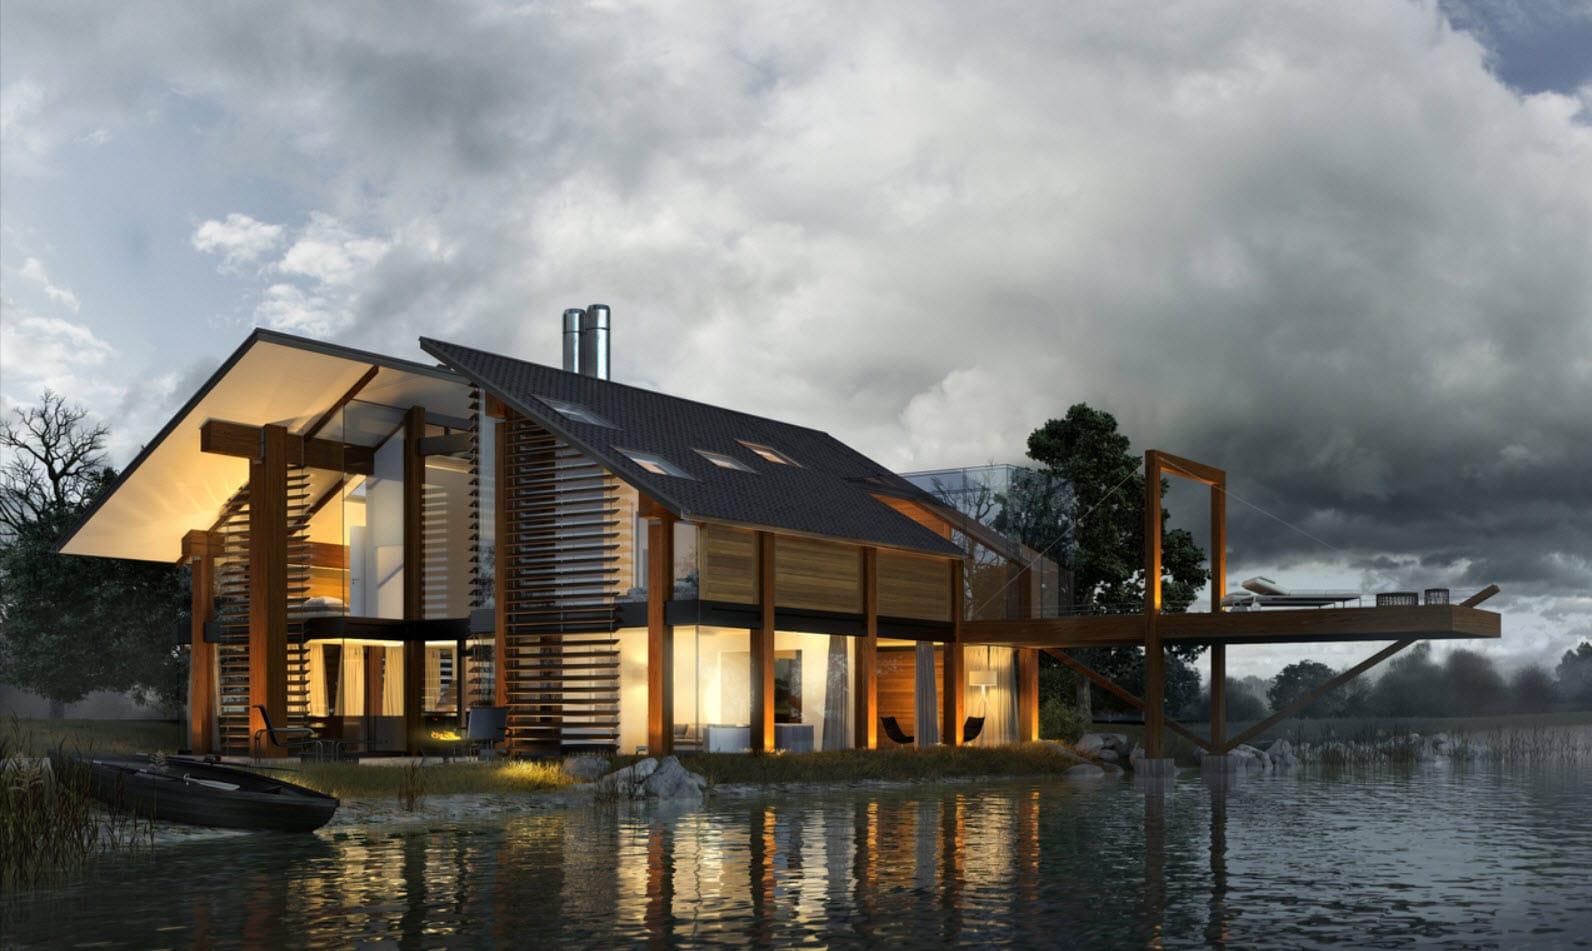 casas modernas con tejado a dos aguas